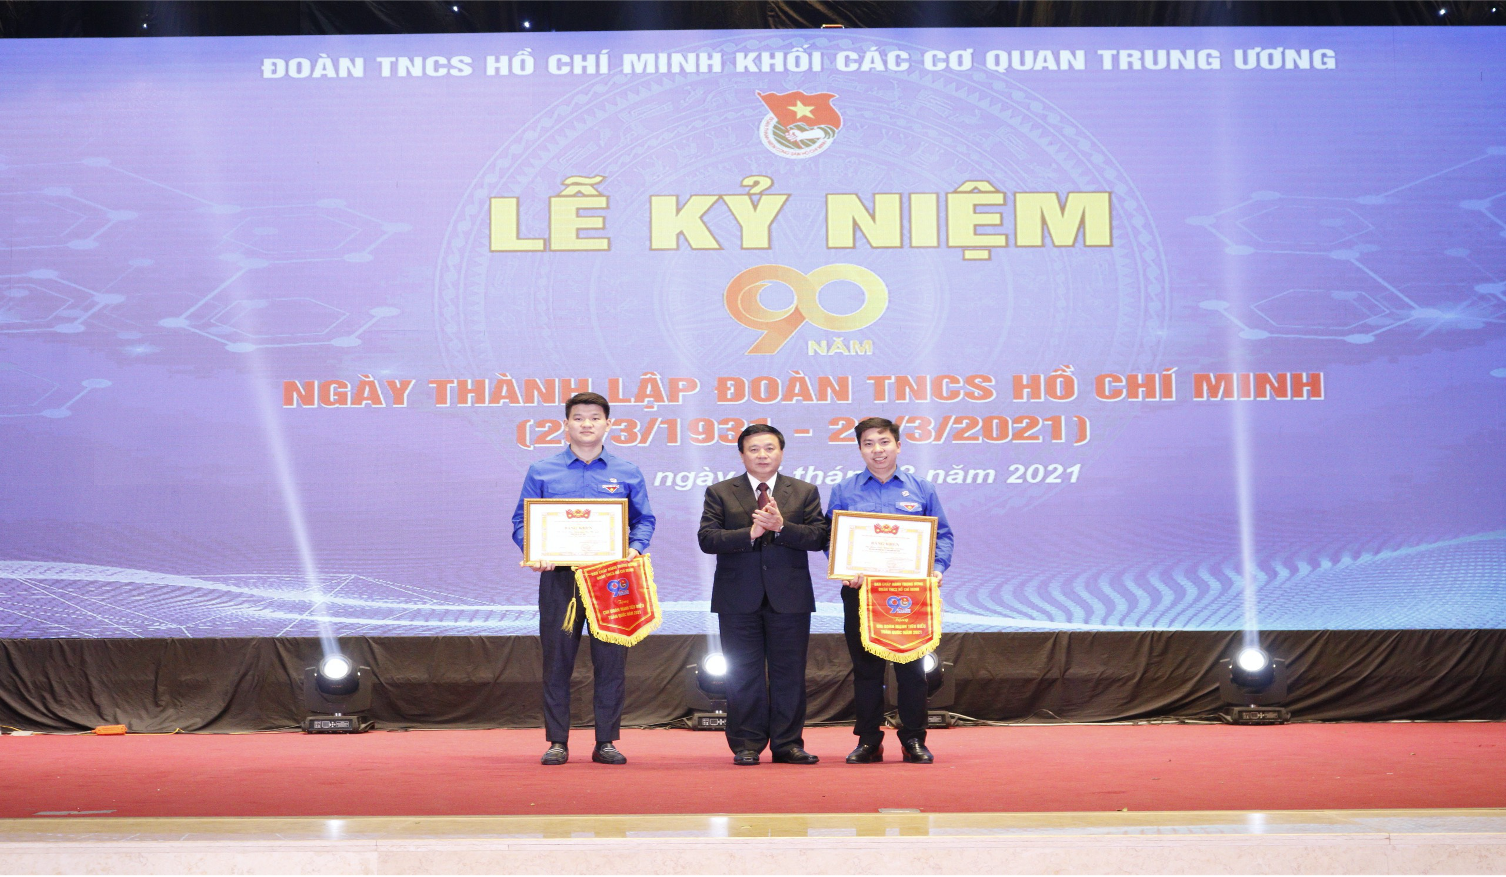 Chi Đoàn Viện Khoa học vật liệu được khen thưởng Chi Đoàn mạnh toàn quốc và Bí thư Chi Đoàn tiêu biểu toàn quốc năm 2021